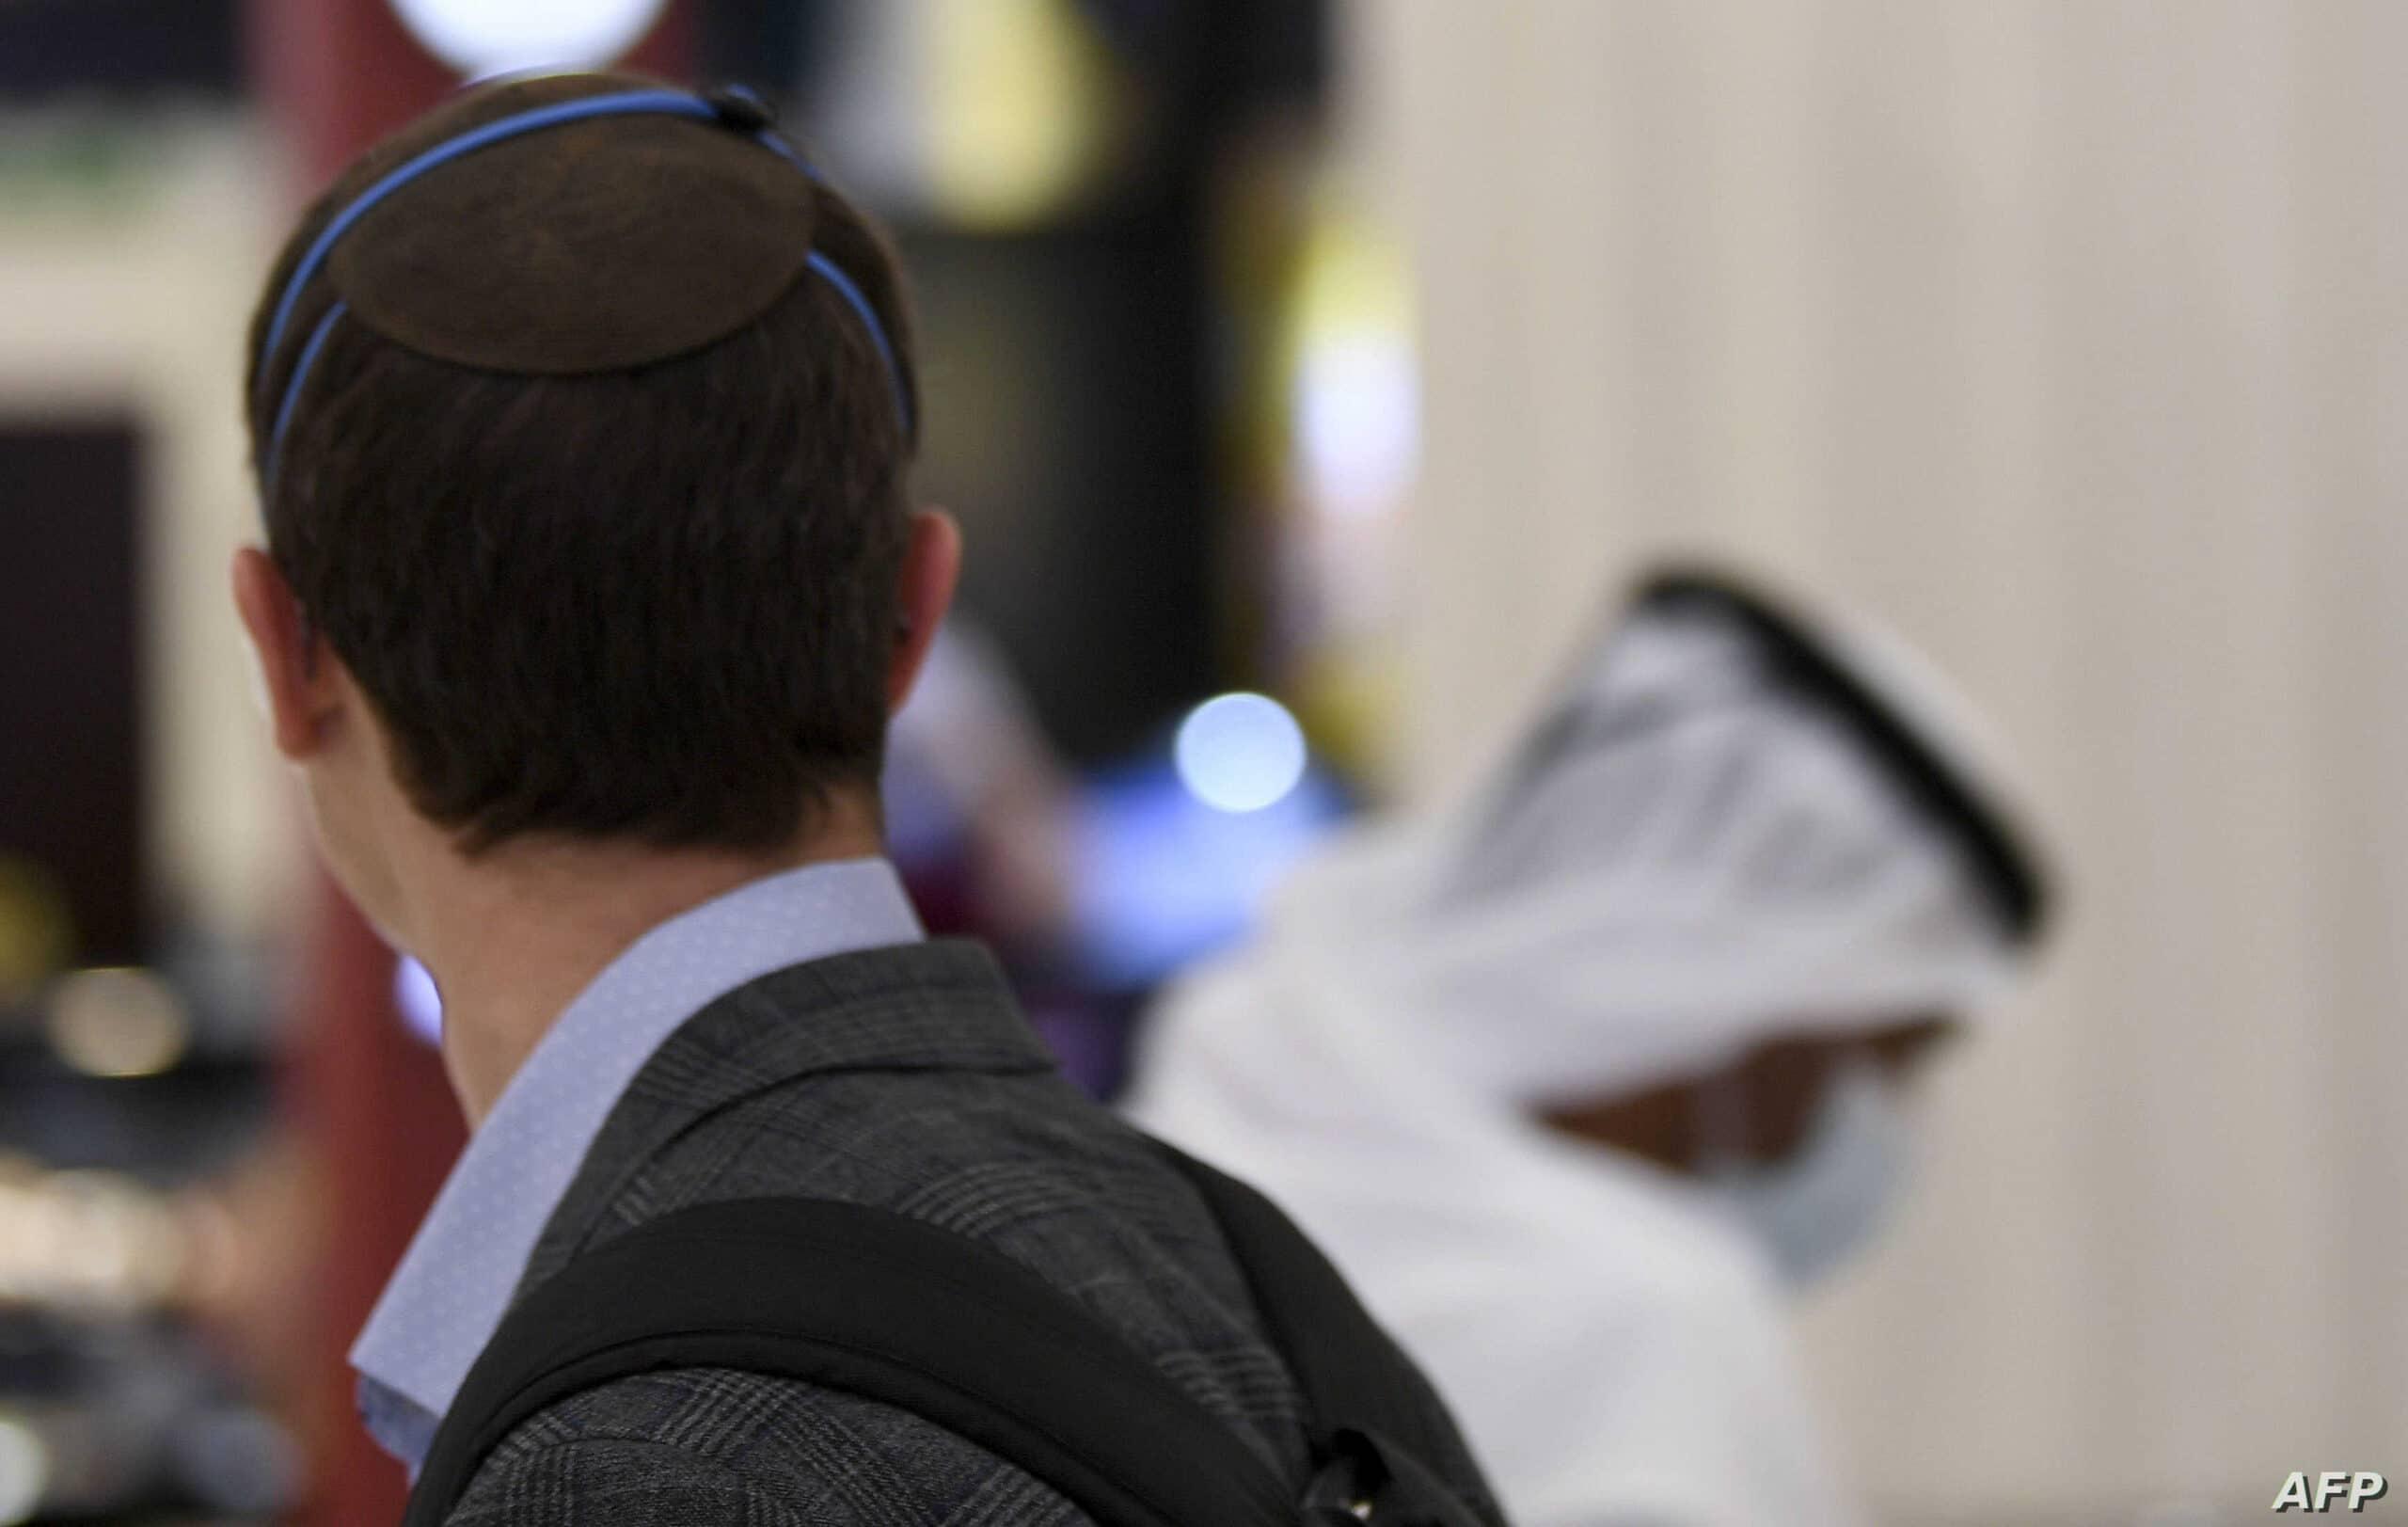 إسرائيل تحذر مواطنيها من السفر للإمارات والبحرين بعد هذه المعلومات التي وصلتها